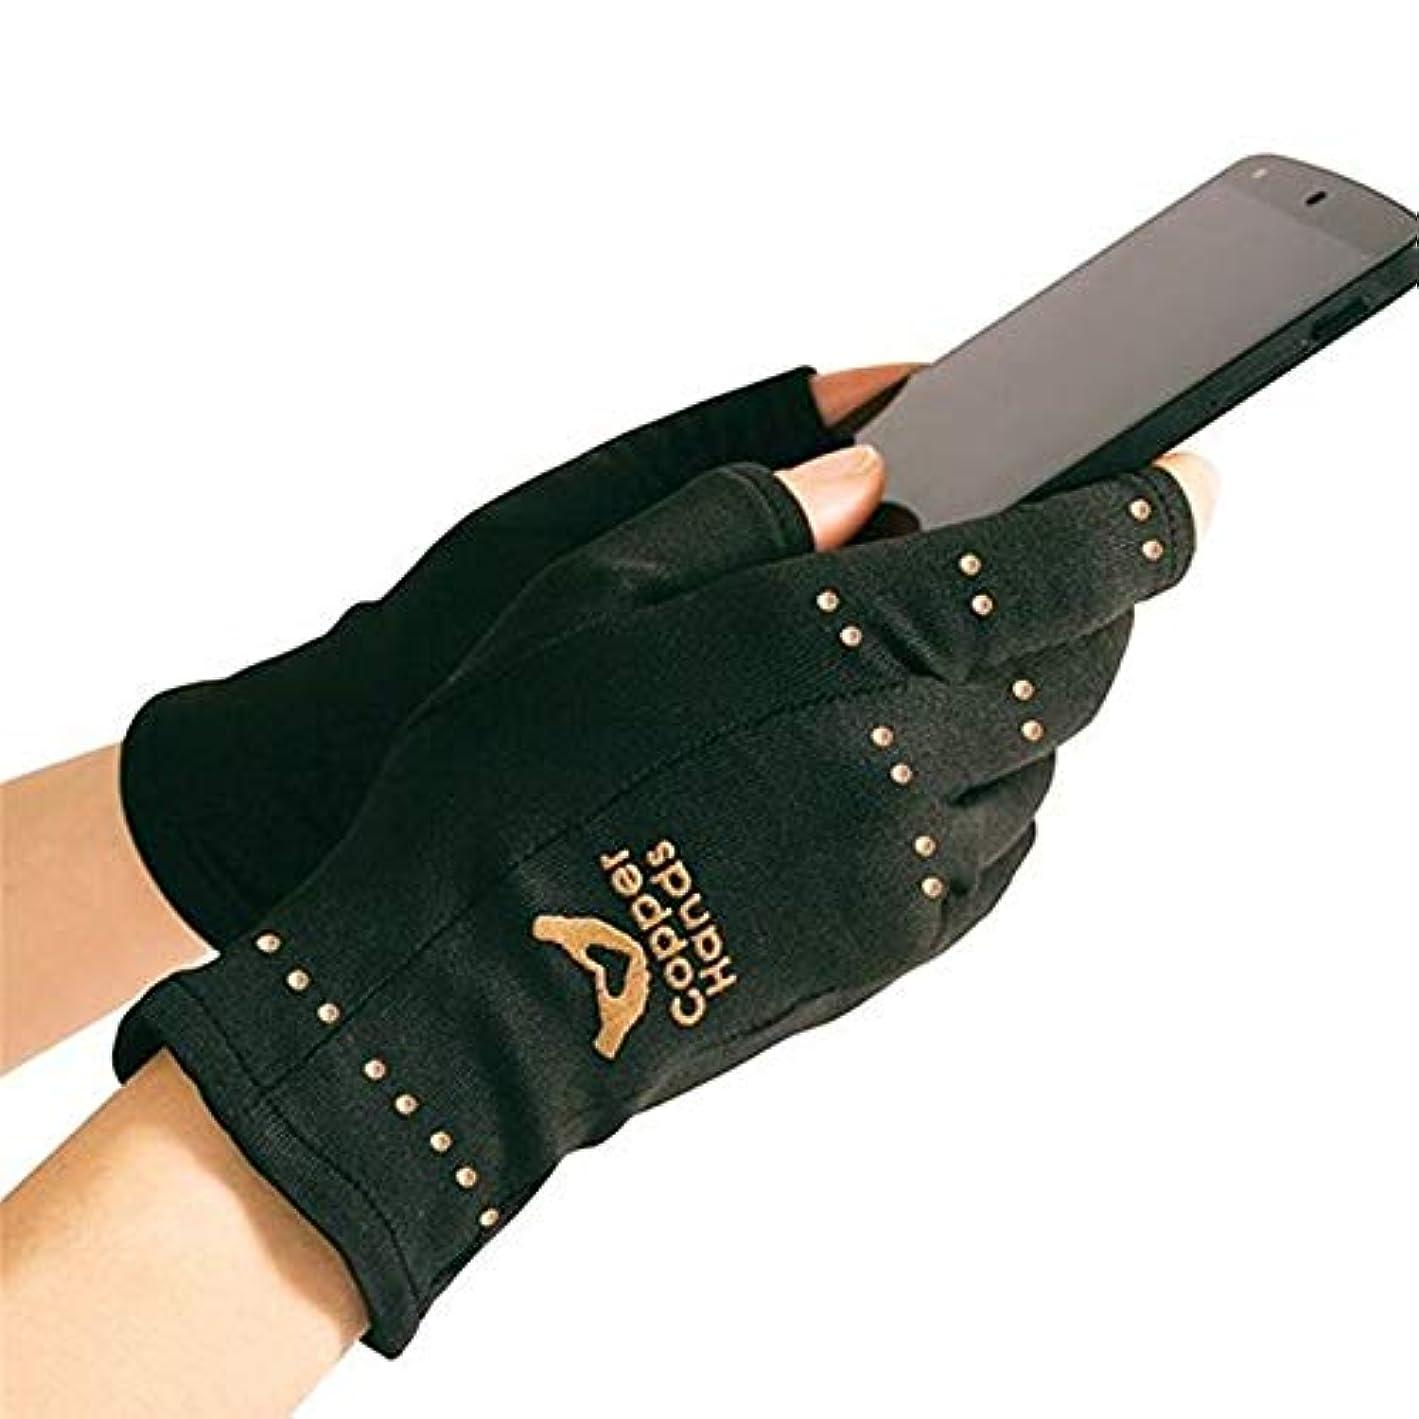 生息地ヘア公演hapler 磁気療法手袋 磁気手袋 通気性 抗浮腫 関節炎手袋 関節炎着圧手袋 1ペア指なし手袋 関節炎解消 リウマチ性手痛 健康増進療法 手痛緩和手袋 男女通気性良い